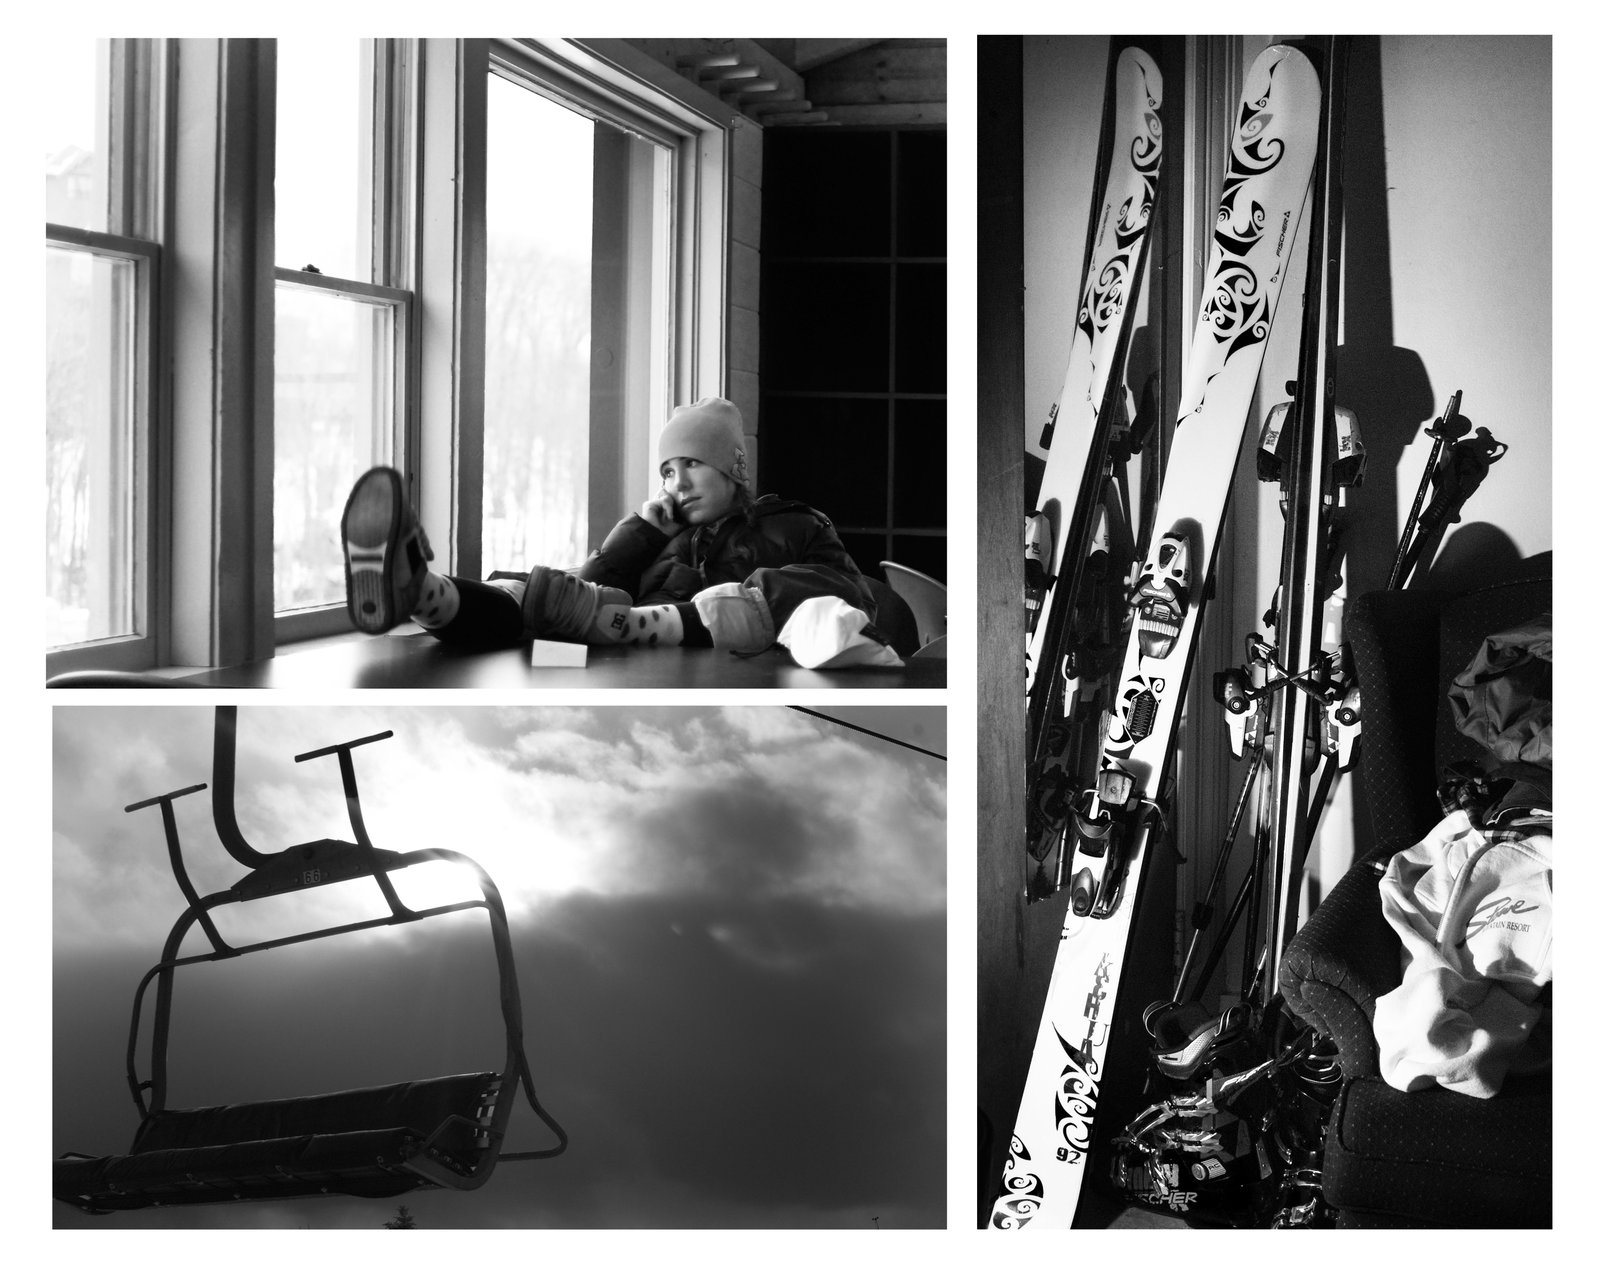 Girl Skis chair